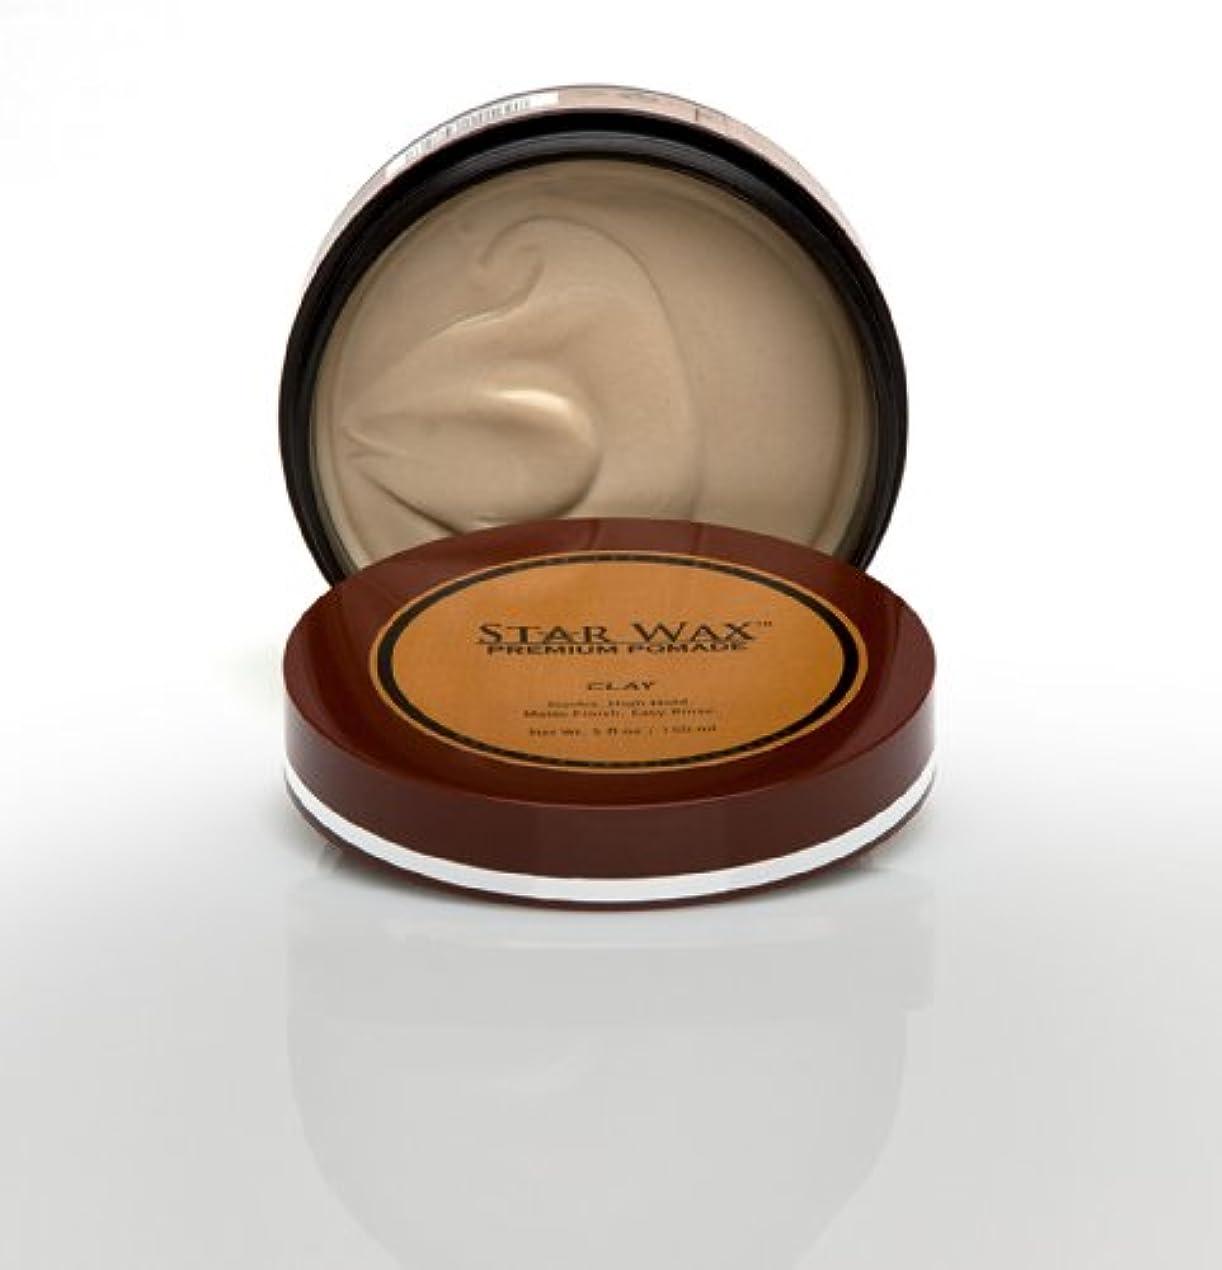 死ぬプラス評議会Star Wax | Premium Pomade, Clay(スターワックスプレミアム ポマード「クレイ」)?Star Pro Line(スタープロライン)製?5(液量)オンス/150ml